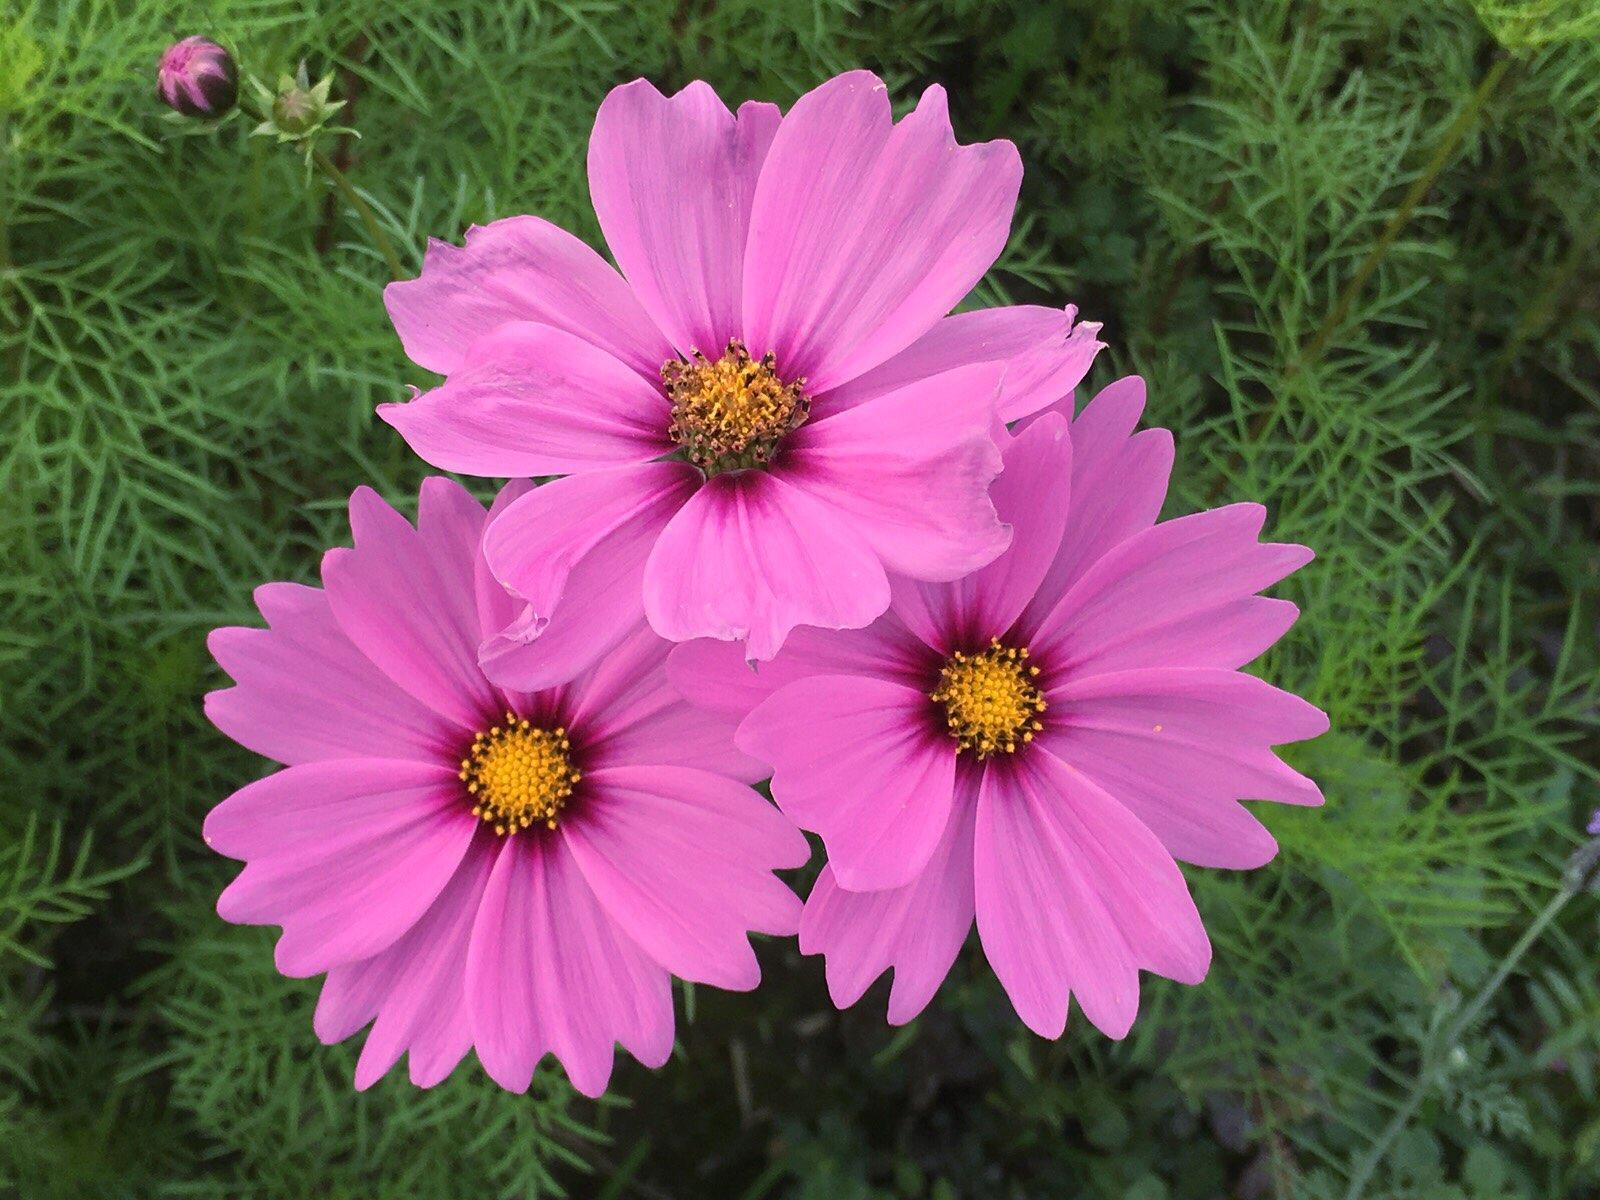 cosmos flowers blossom tongxin park huwei yunlin taiwan